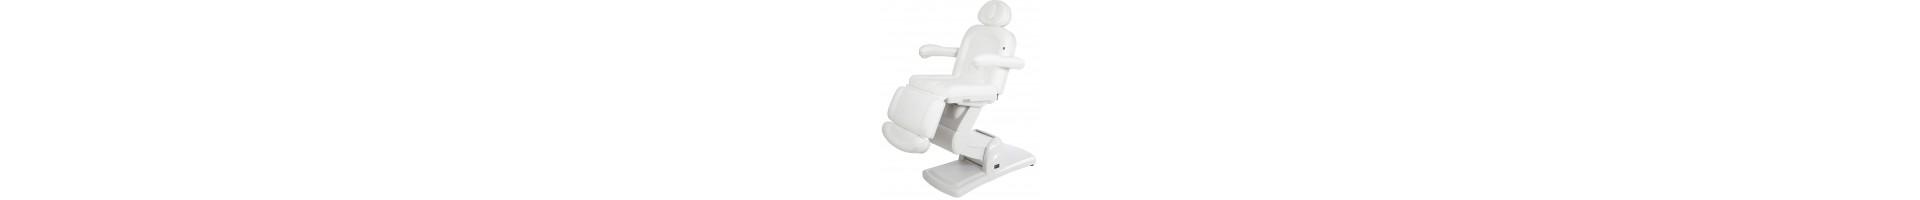 Comprar mobiliario WEELKO para Estética barato - BeautyVip